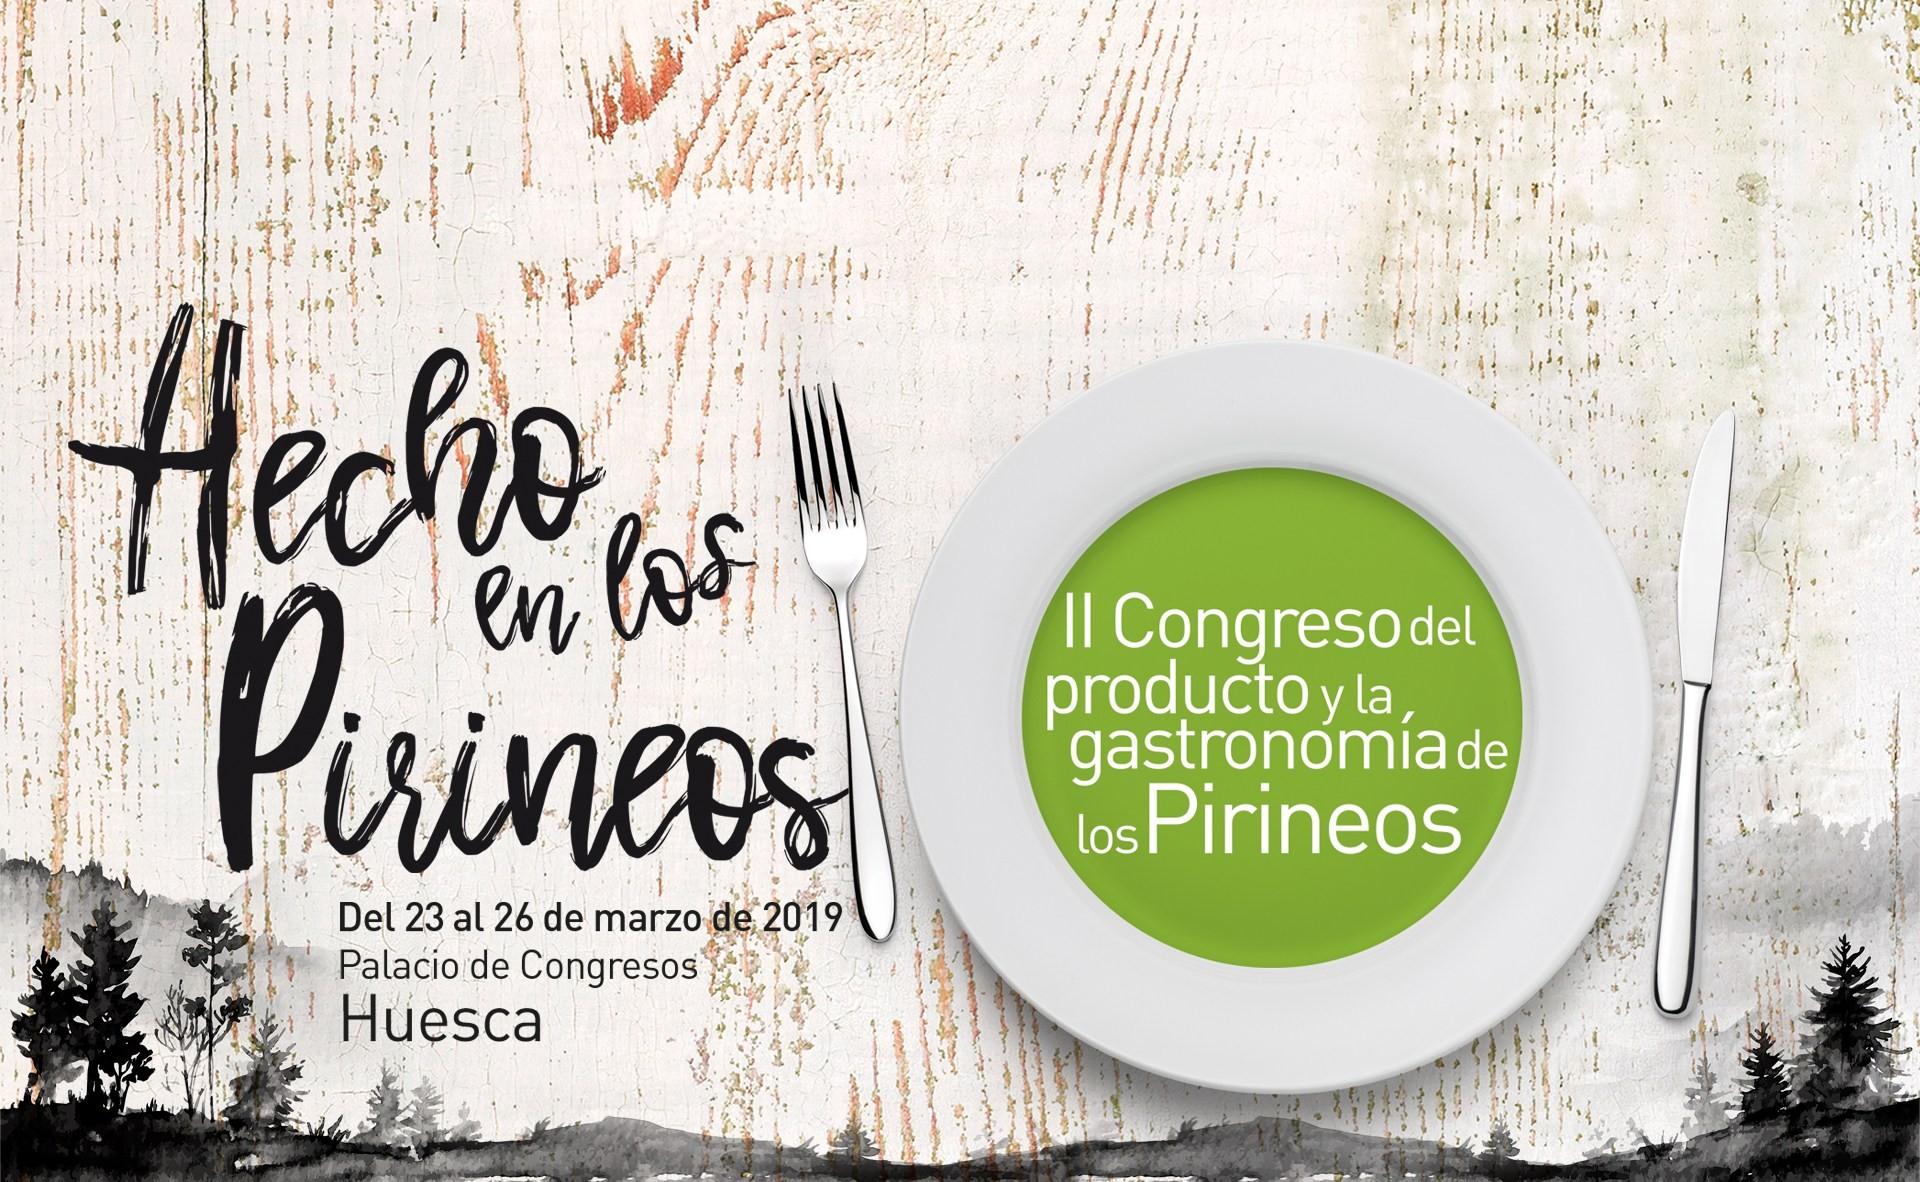 Calendario Laboral 2019 En Barcelona Más Populares Escuela De Cocina La Font